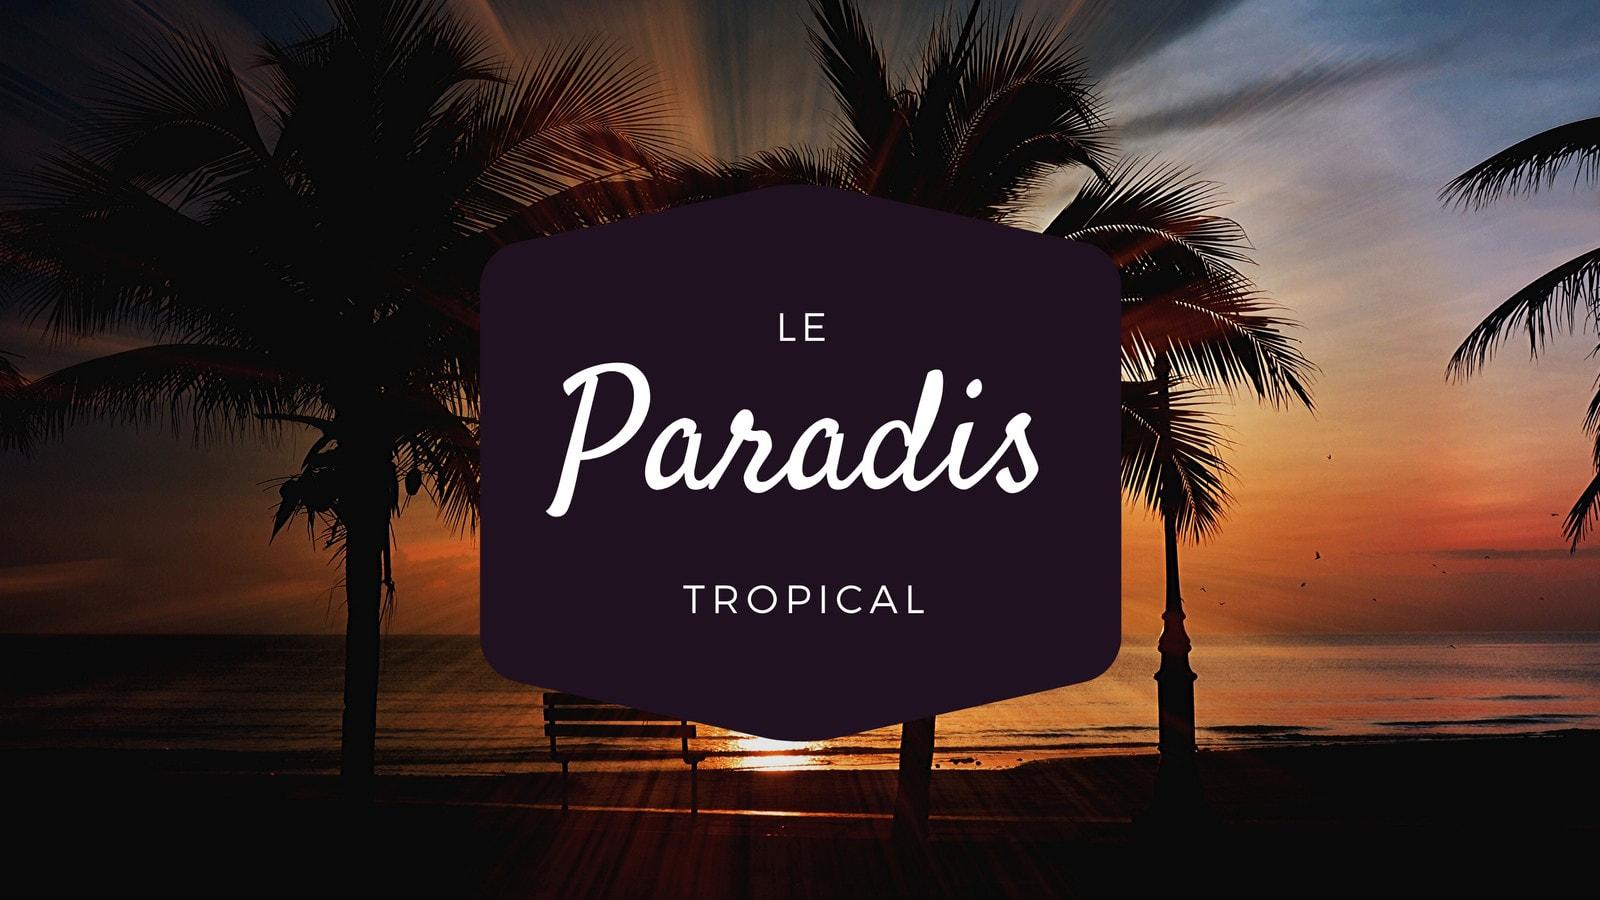 Nuit Tropical Océan Ordinateur Fond d'écran